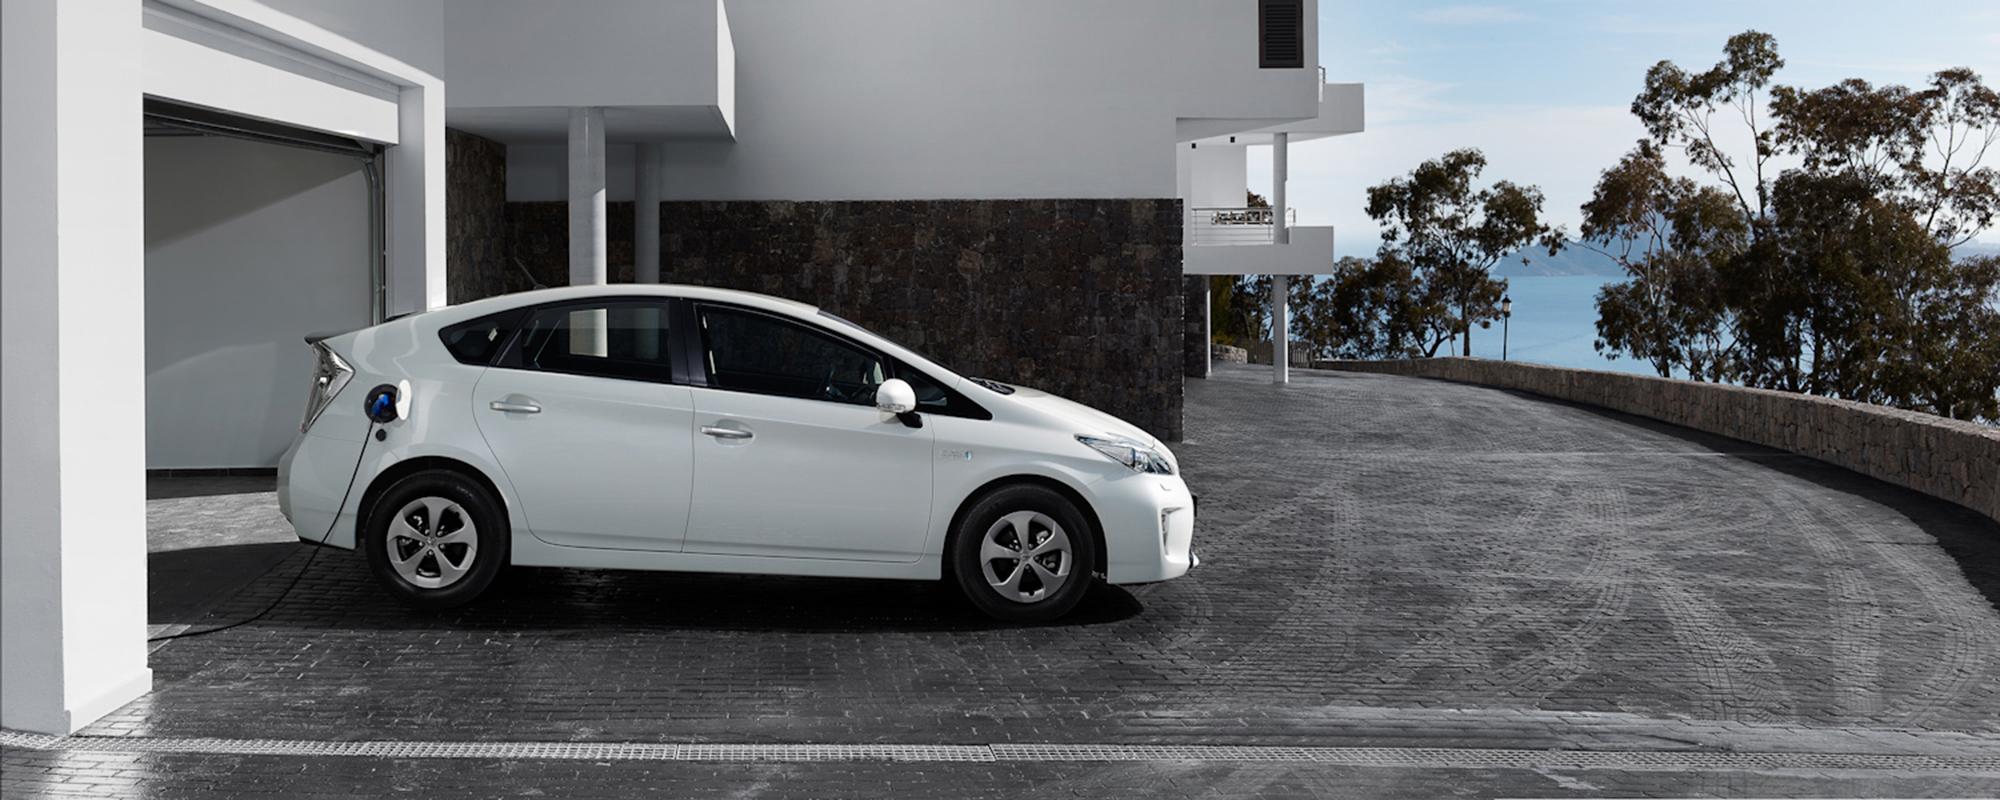 Extra Toyota Plug-ins met 0% bijtelling nog leverbaar voor eind 2013